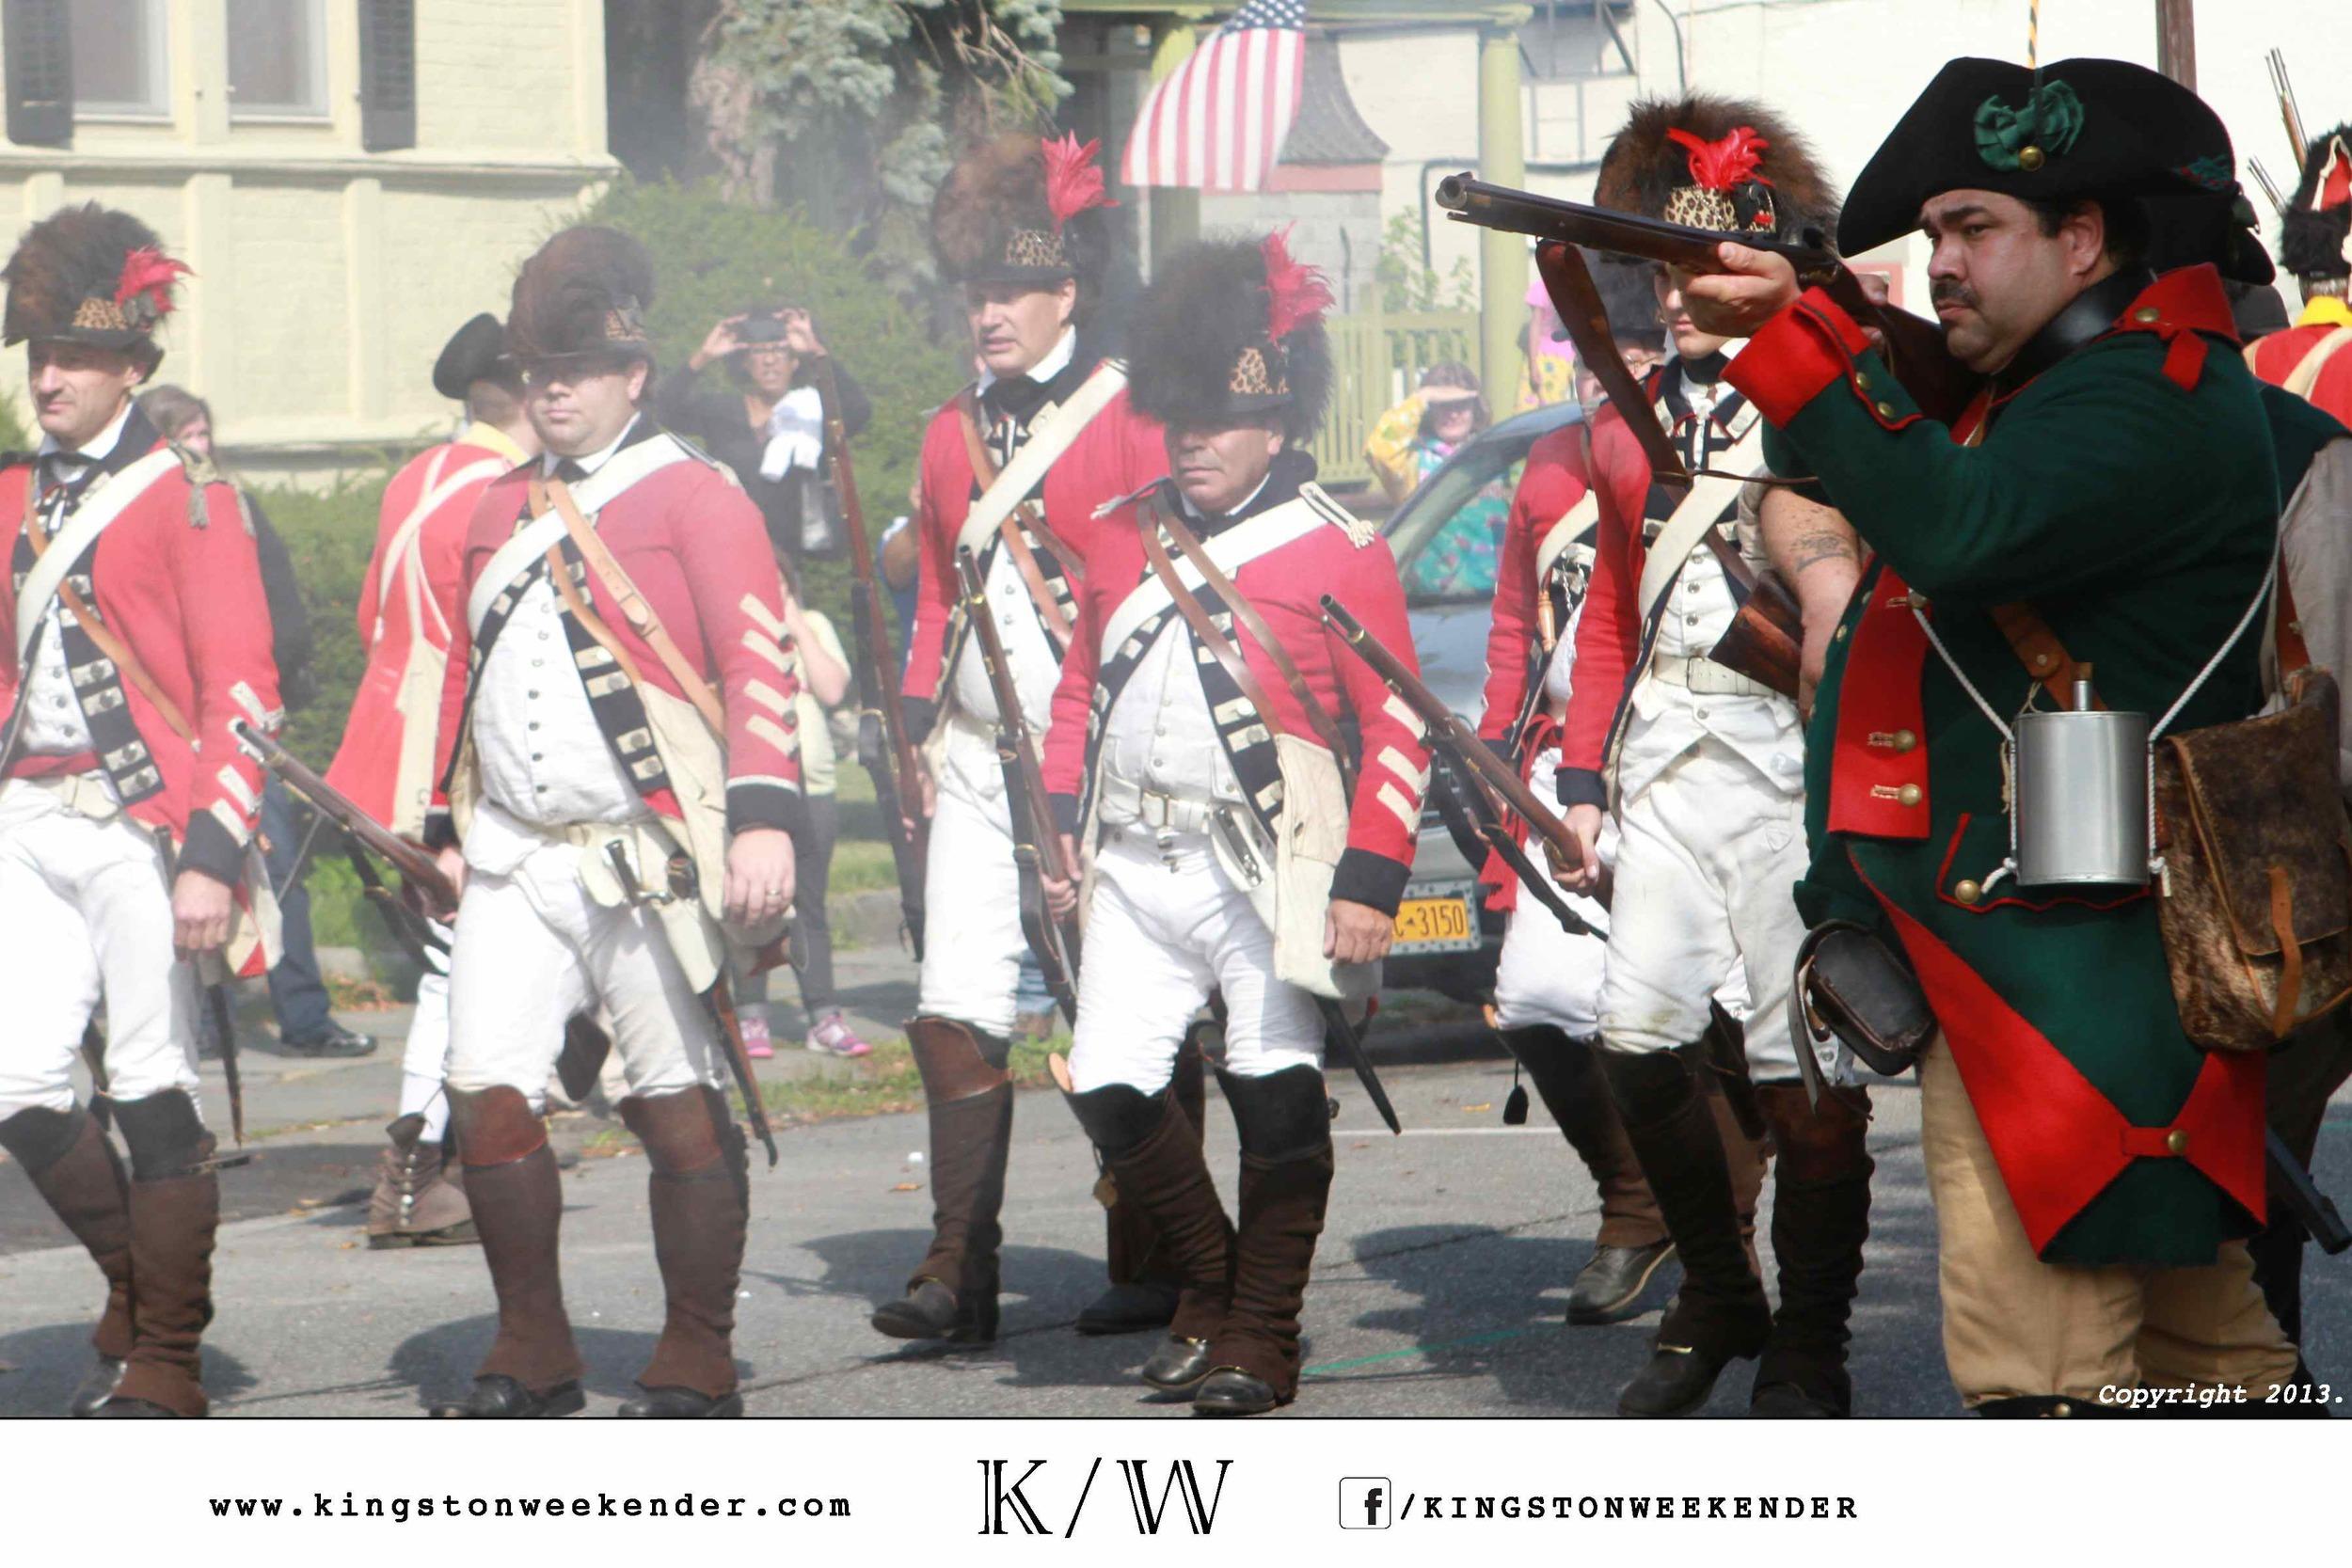 kingston-weekender-photo-credits11.jpg